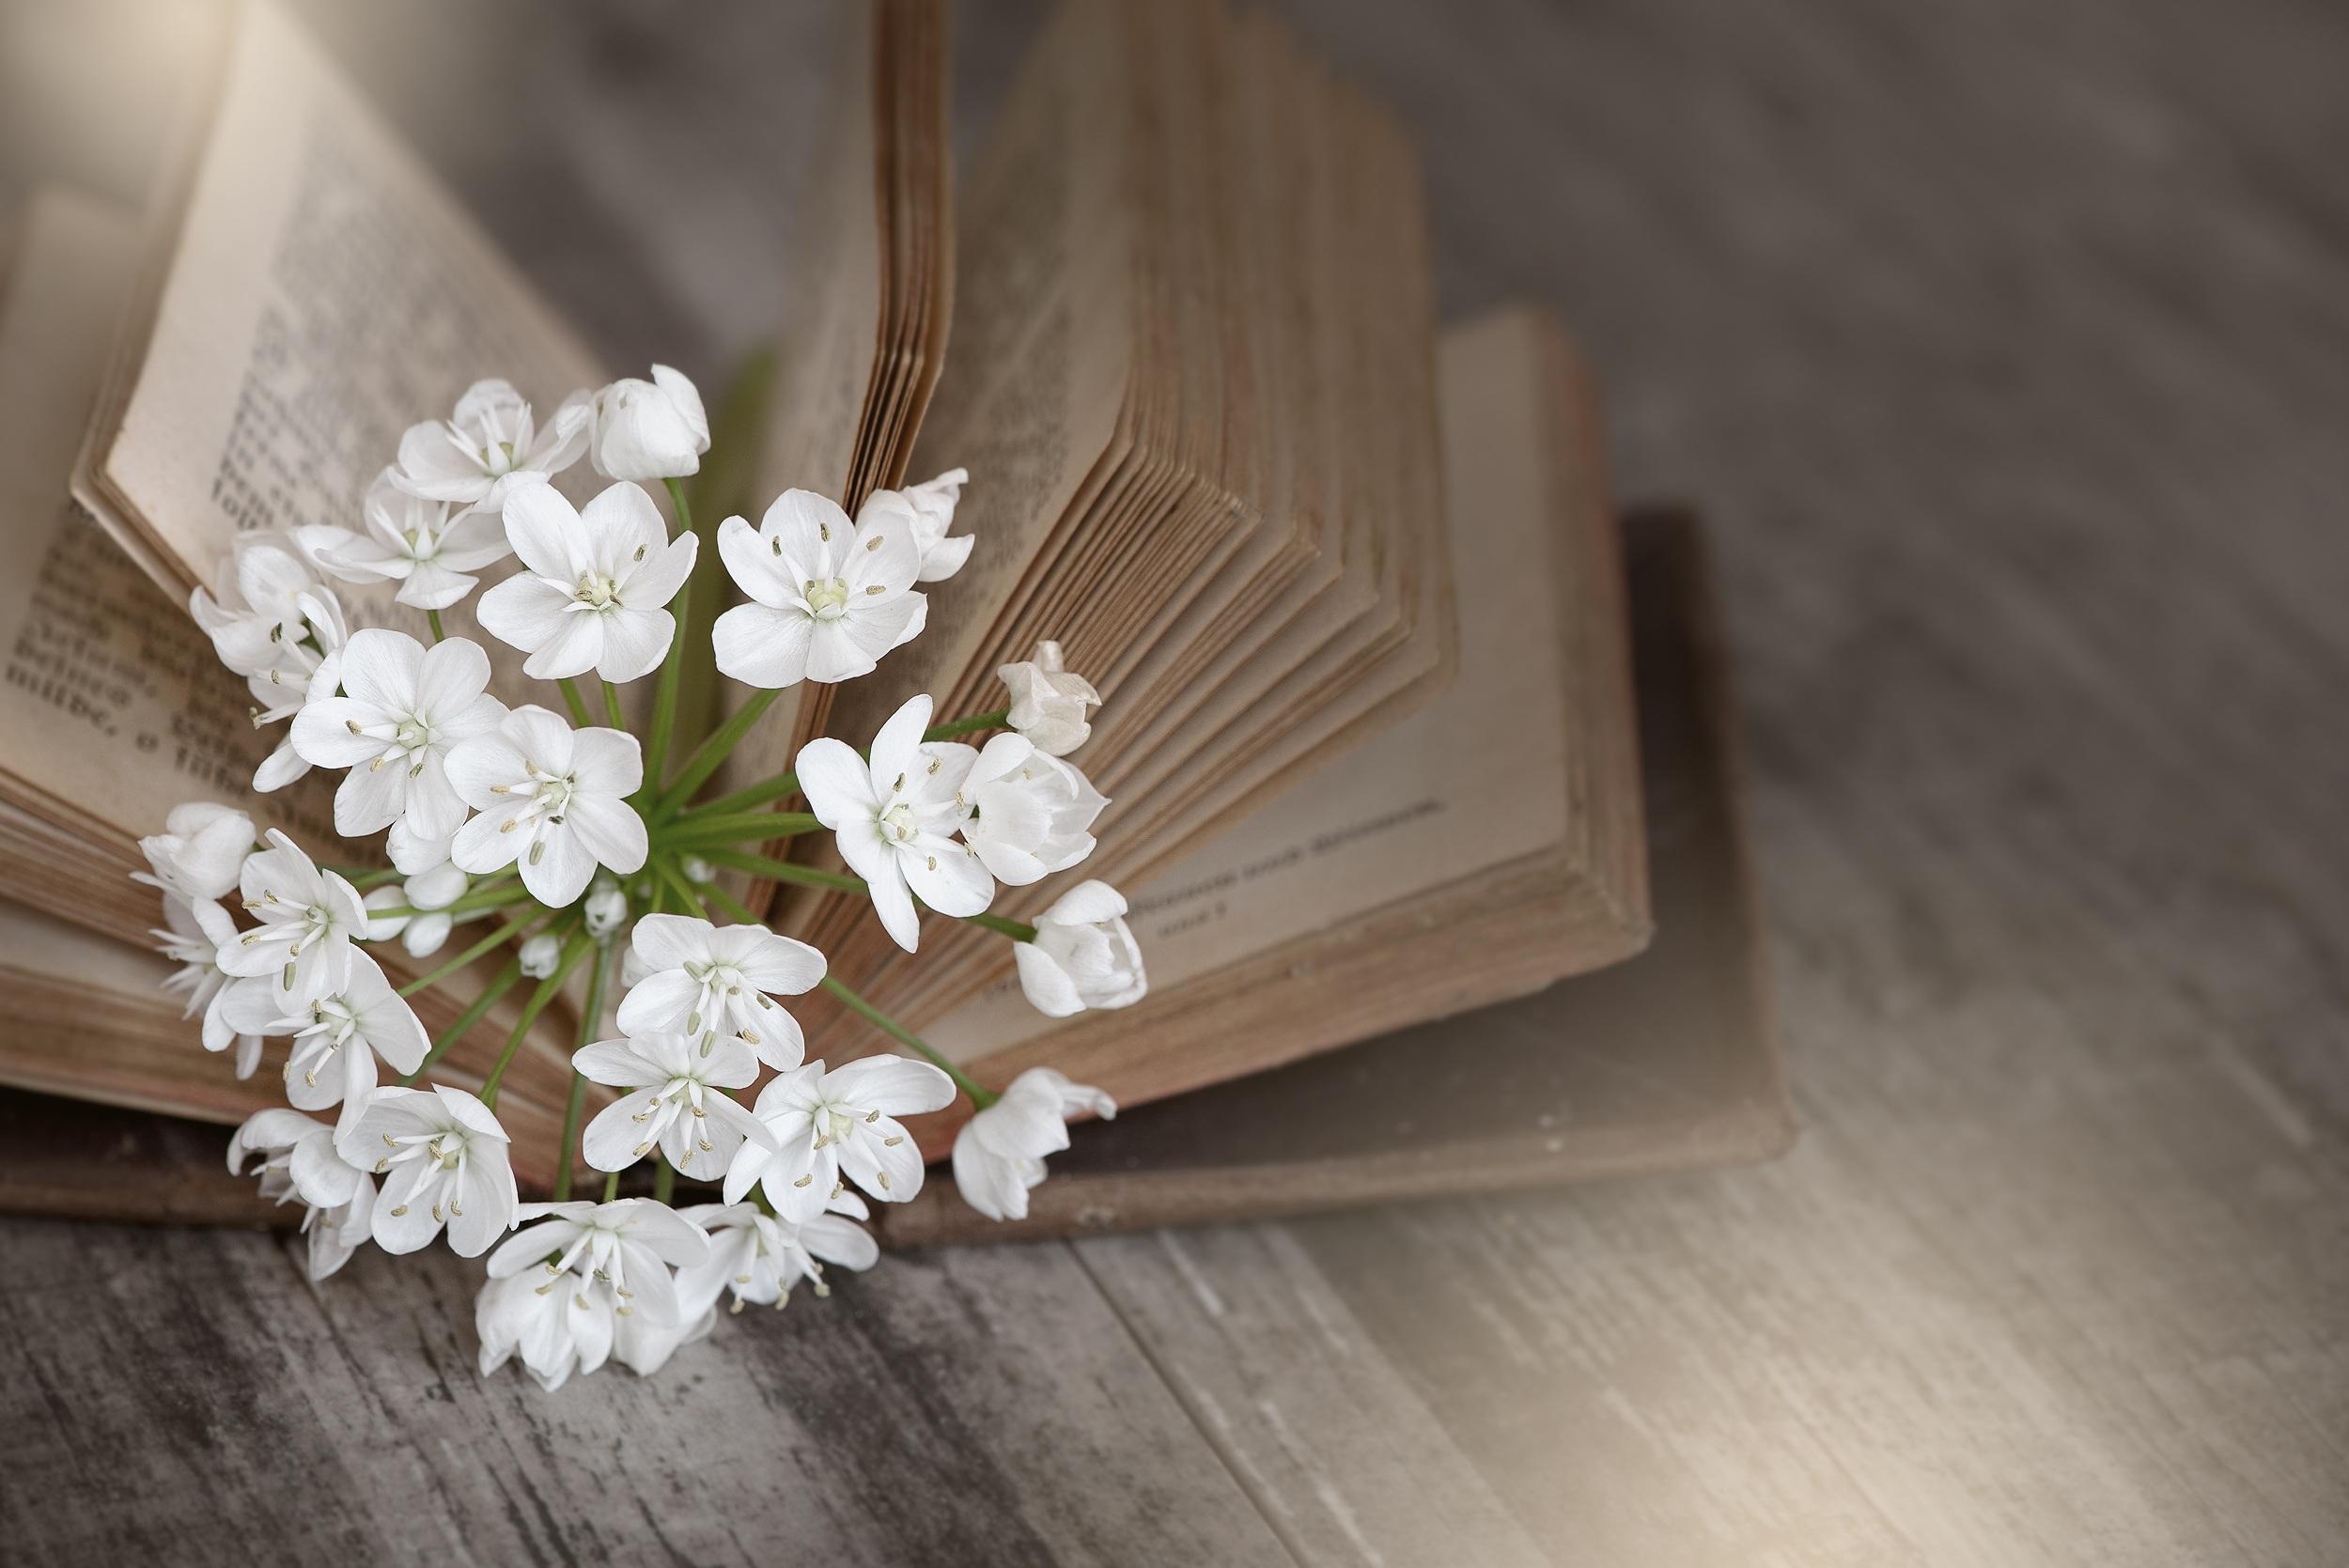 Flowers n Book, Bloom, Blooming, Book, Flower, HQ Photo